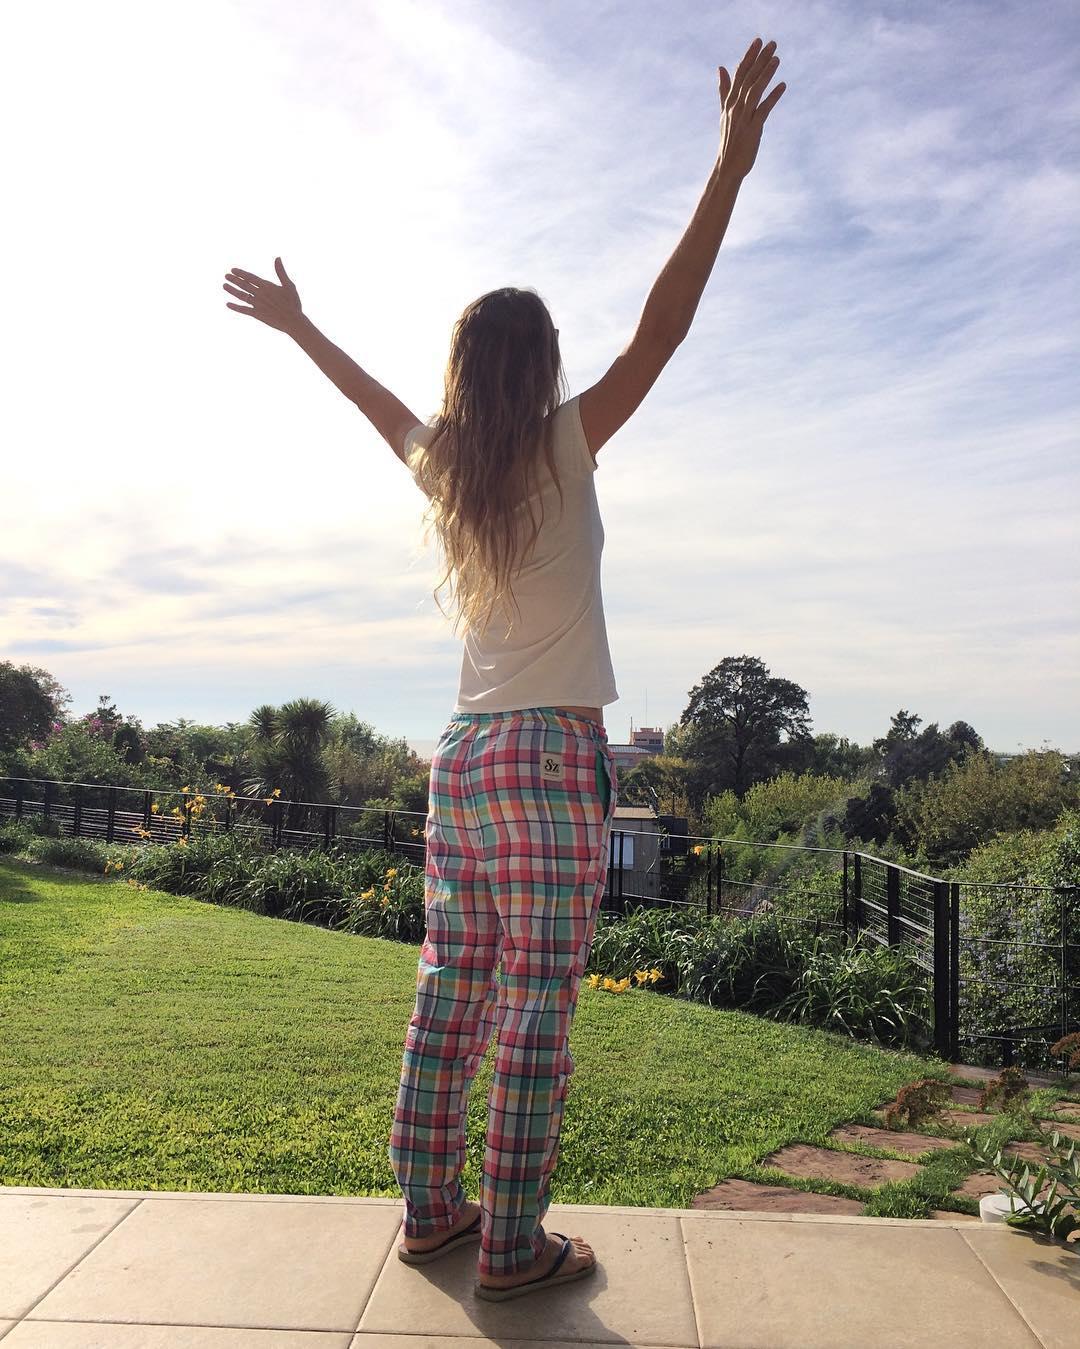 Qué lindo!!! Salió el sol!!! ☀️☀️☀️ recargate de energía y encará este miércoles con mucha onda #LifeSztyle #DomingosConOnda